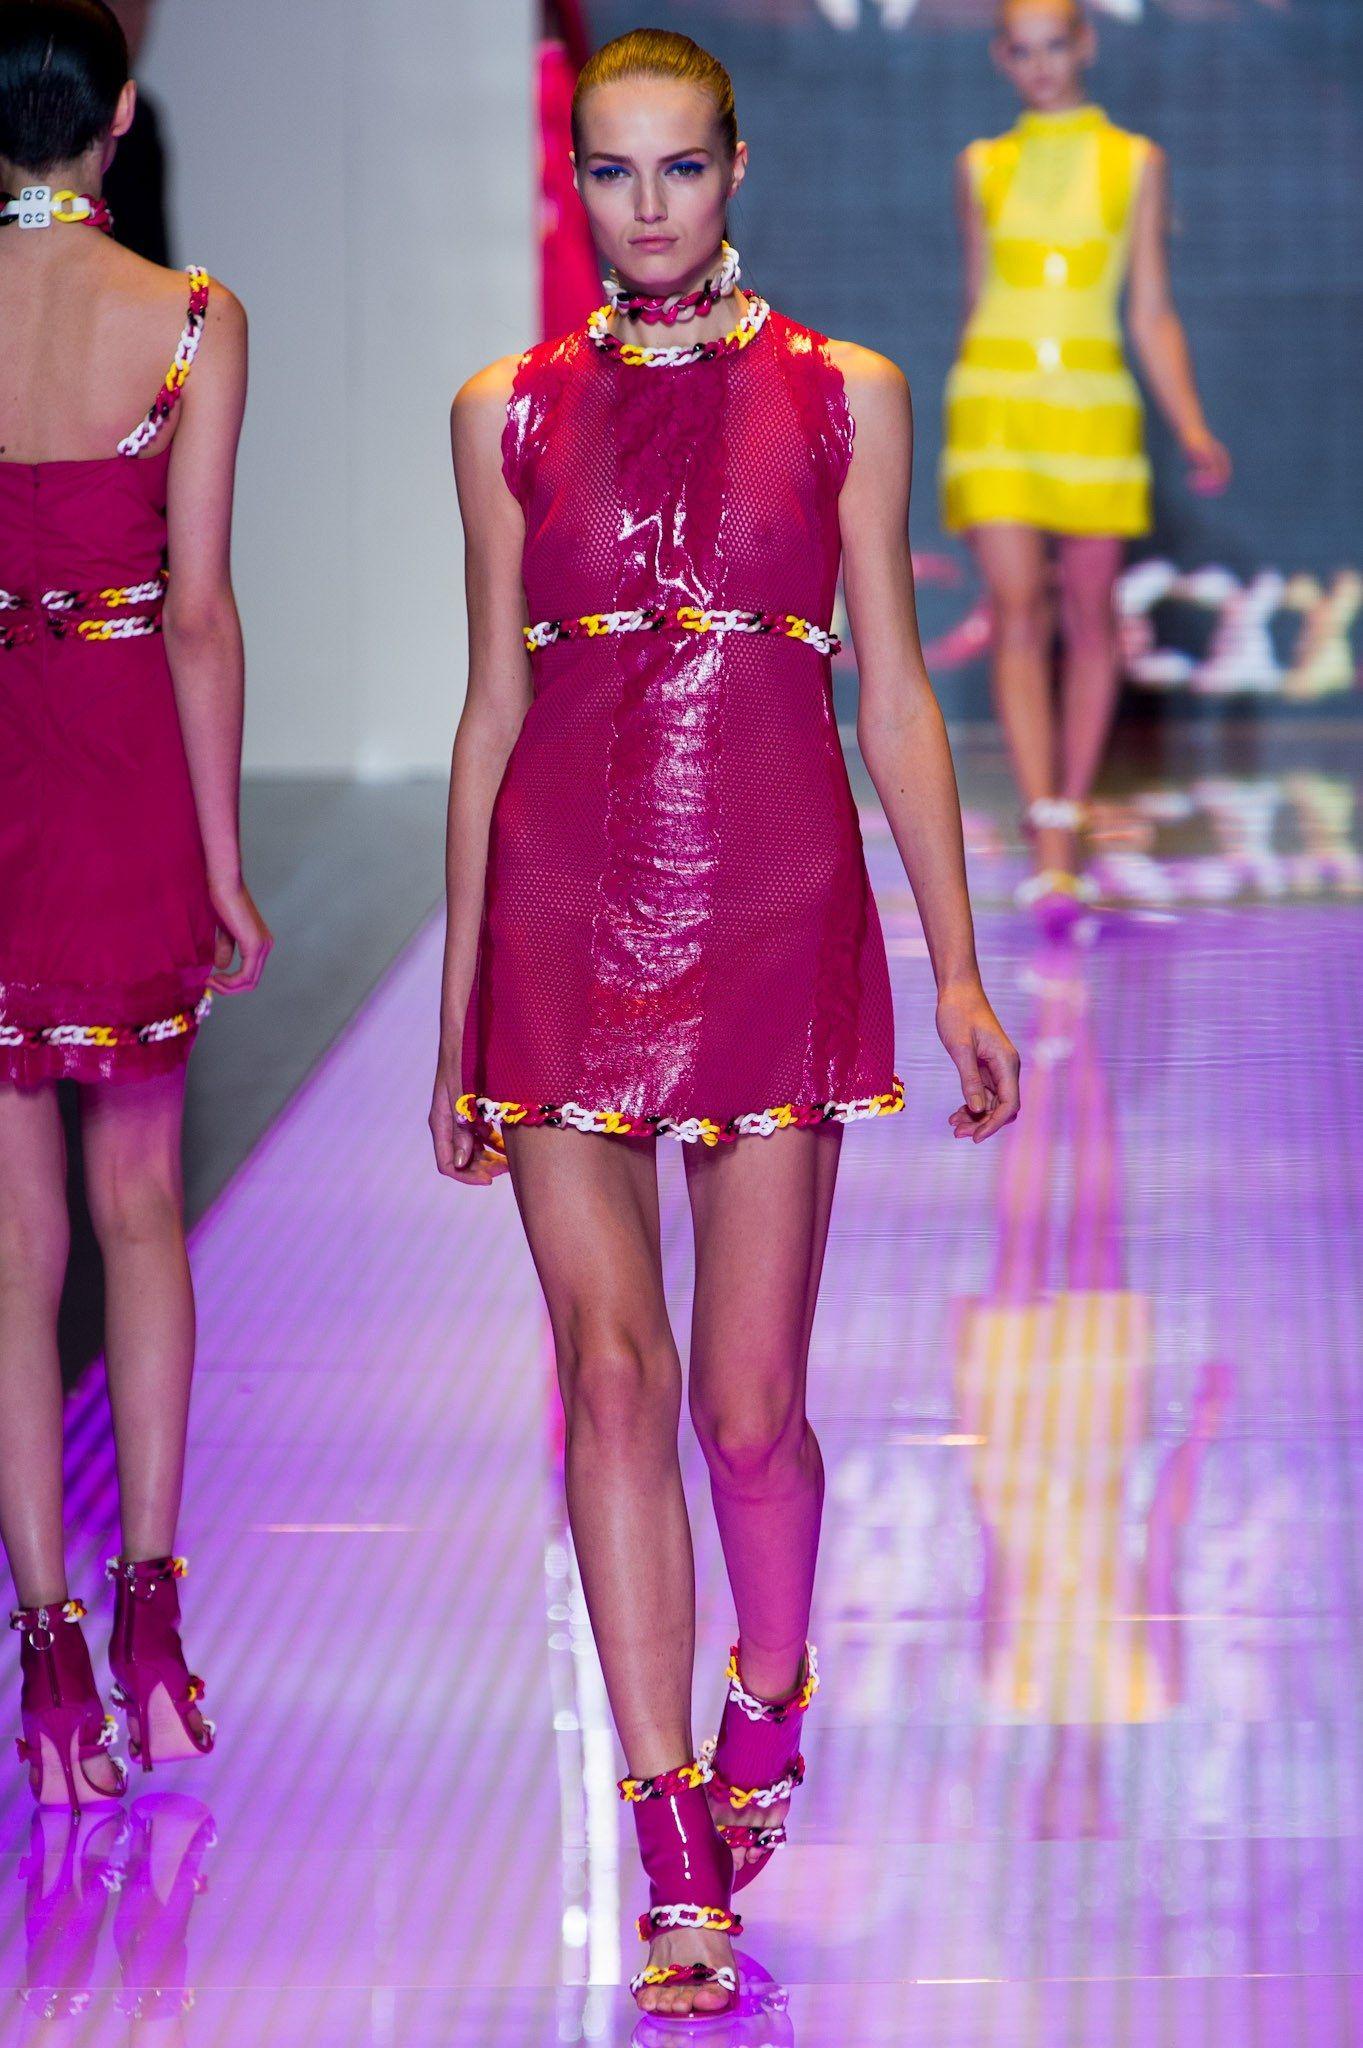 Lujo Lindsey Wixson Vestido De Fiesta Friso - Colección del Vestido ...